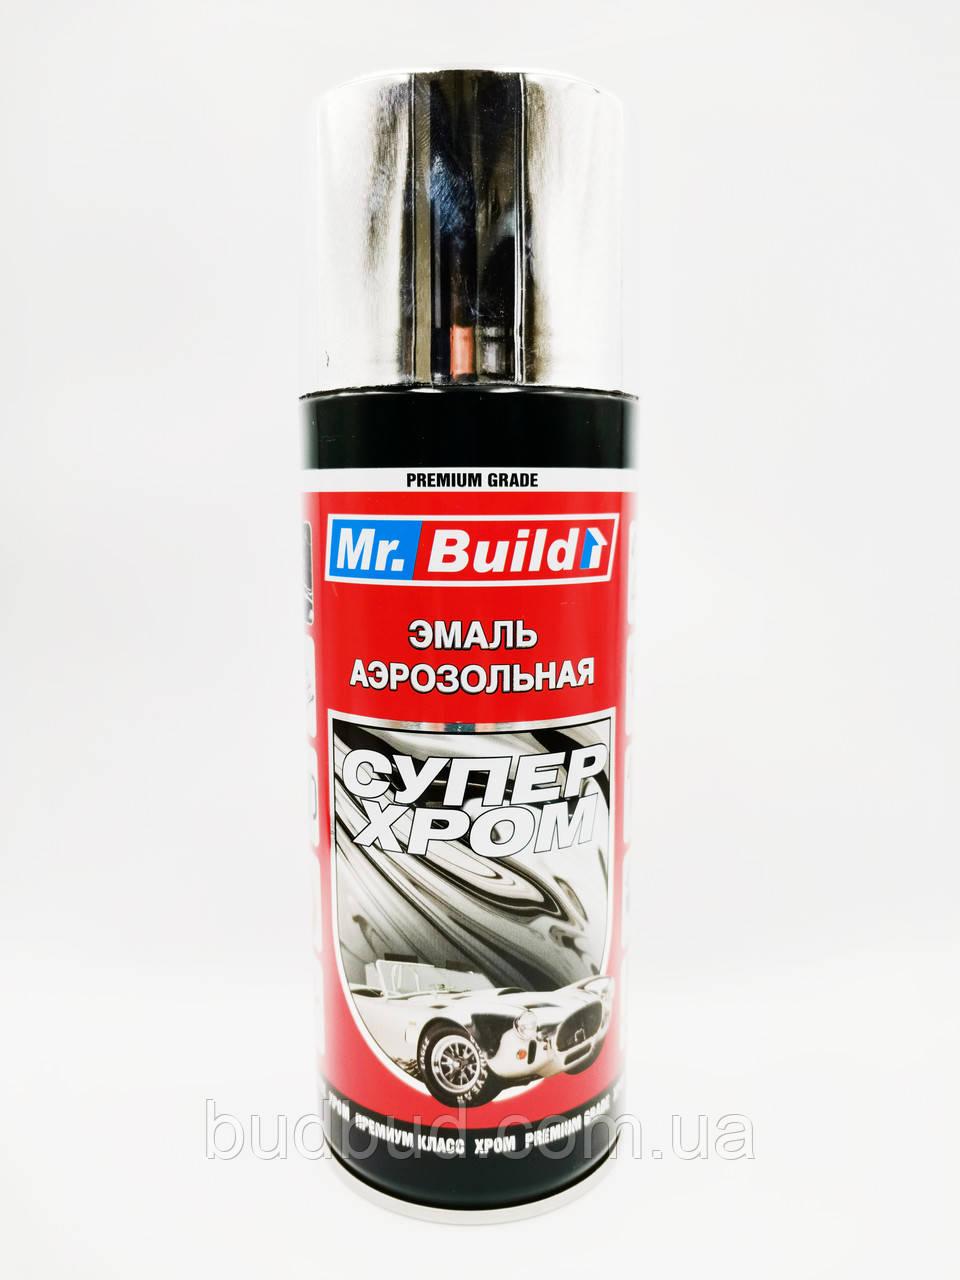 Спрей фарба Mr.Build 22 хром срібло 400 мл